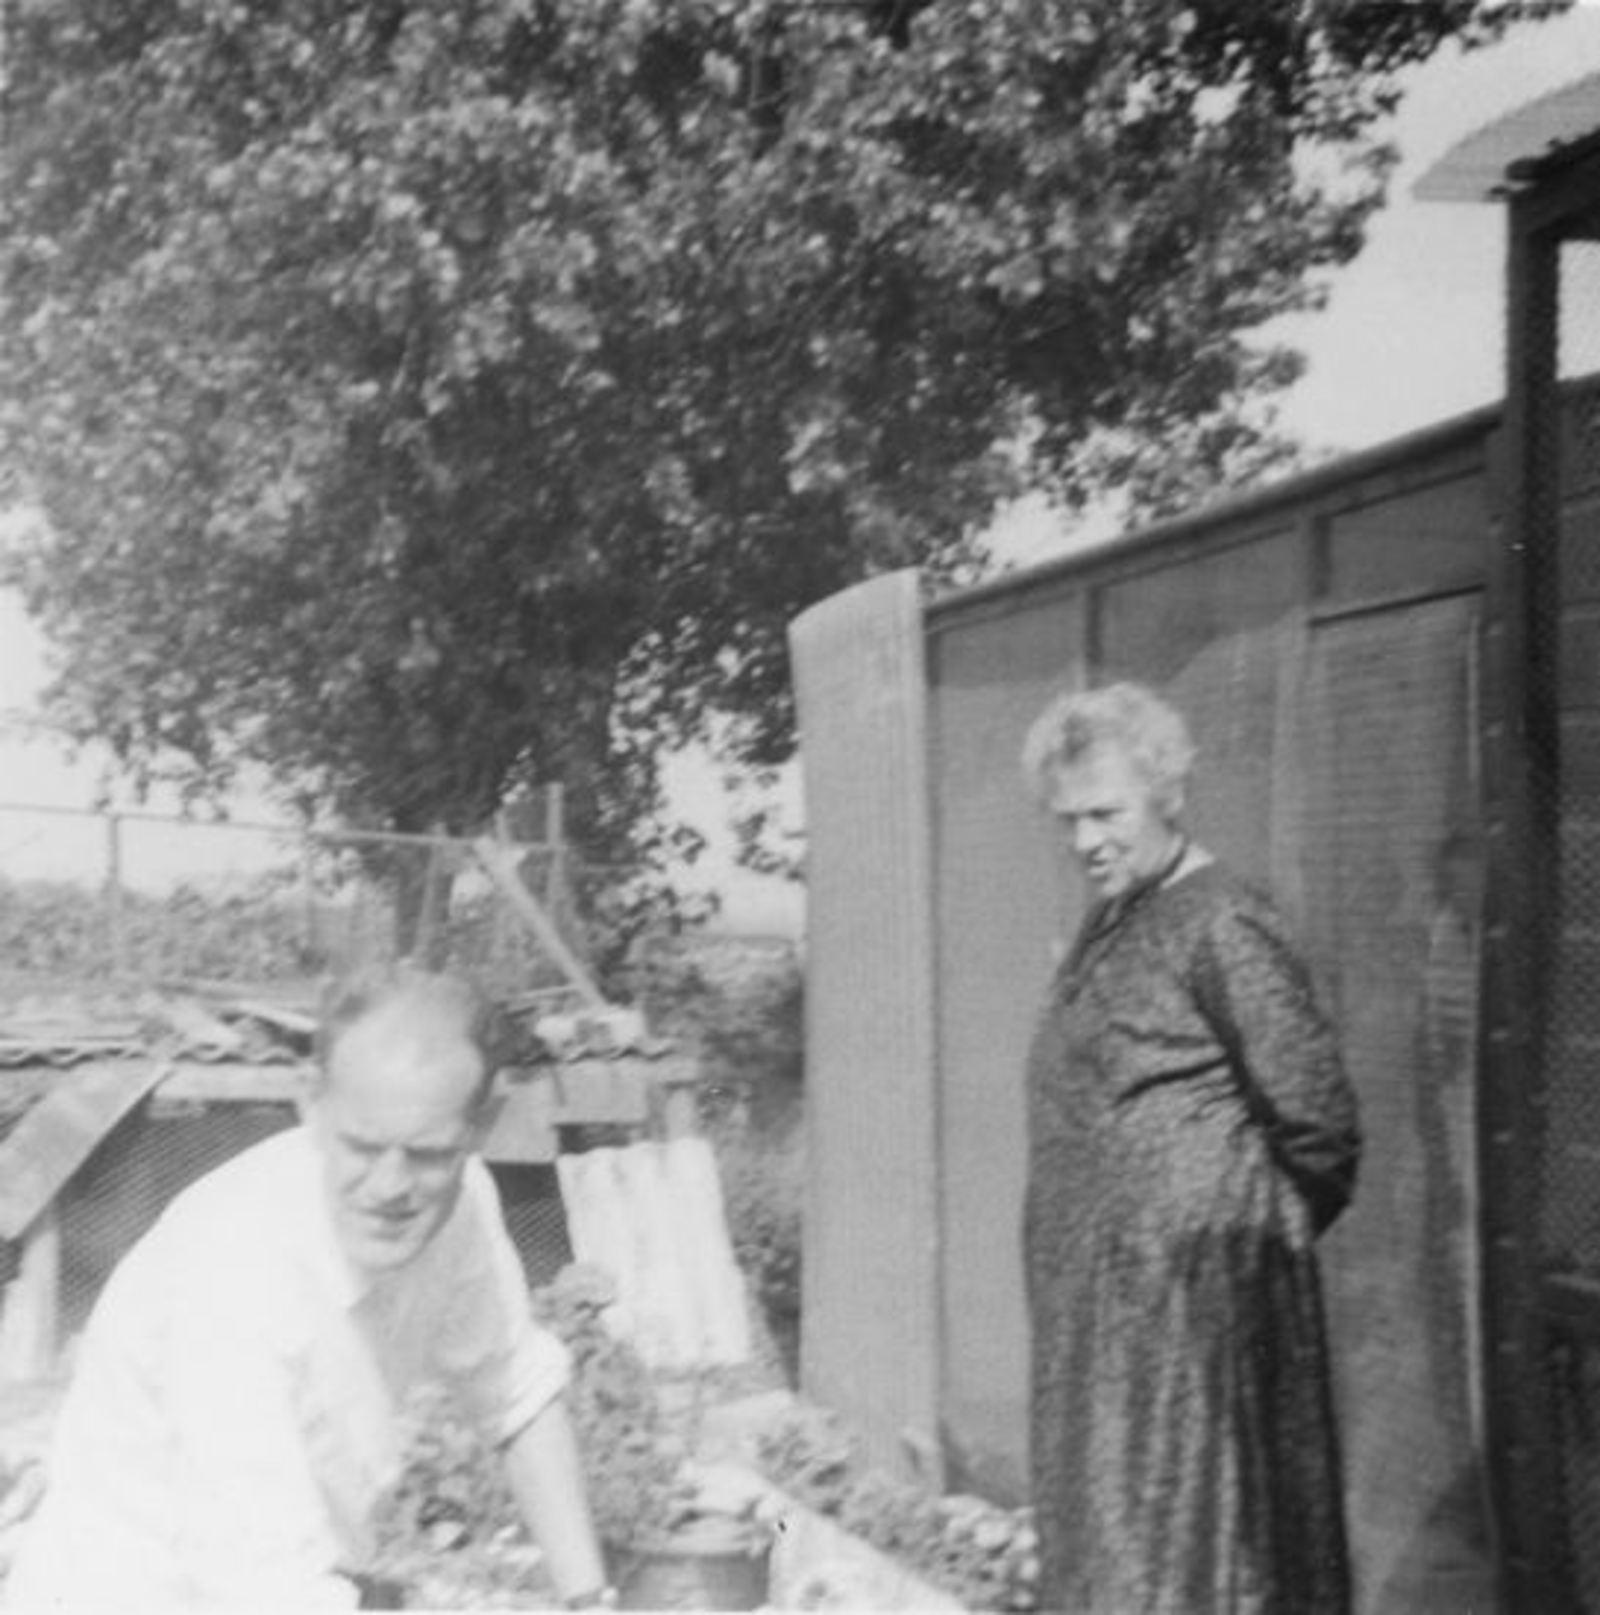 Vuren-Malipaard Pietertje v 1900 19__ Onbekend 20 met (schoon)zoon Co